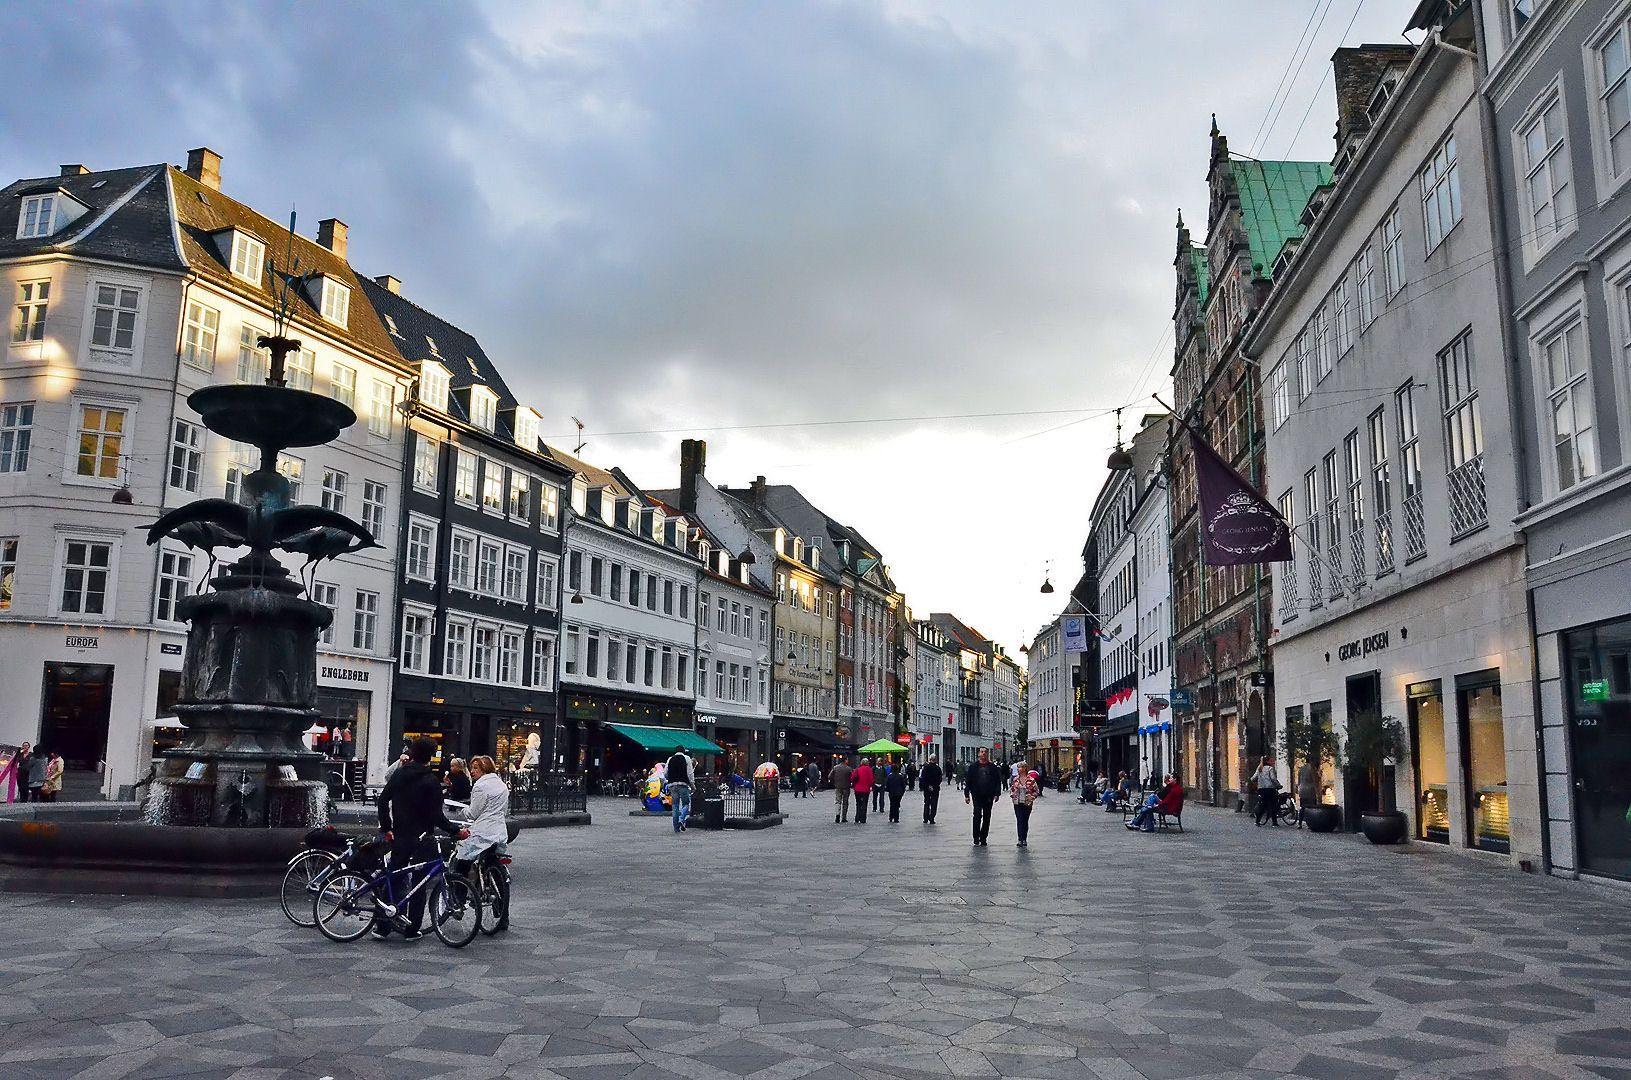 خیابان استروگت کپنهاگ